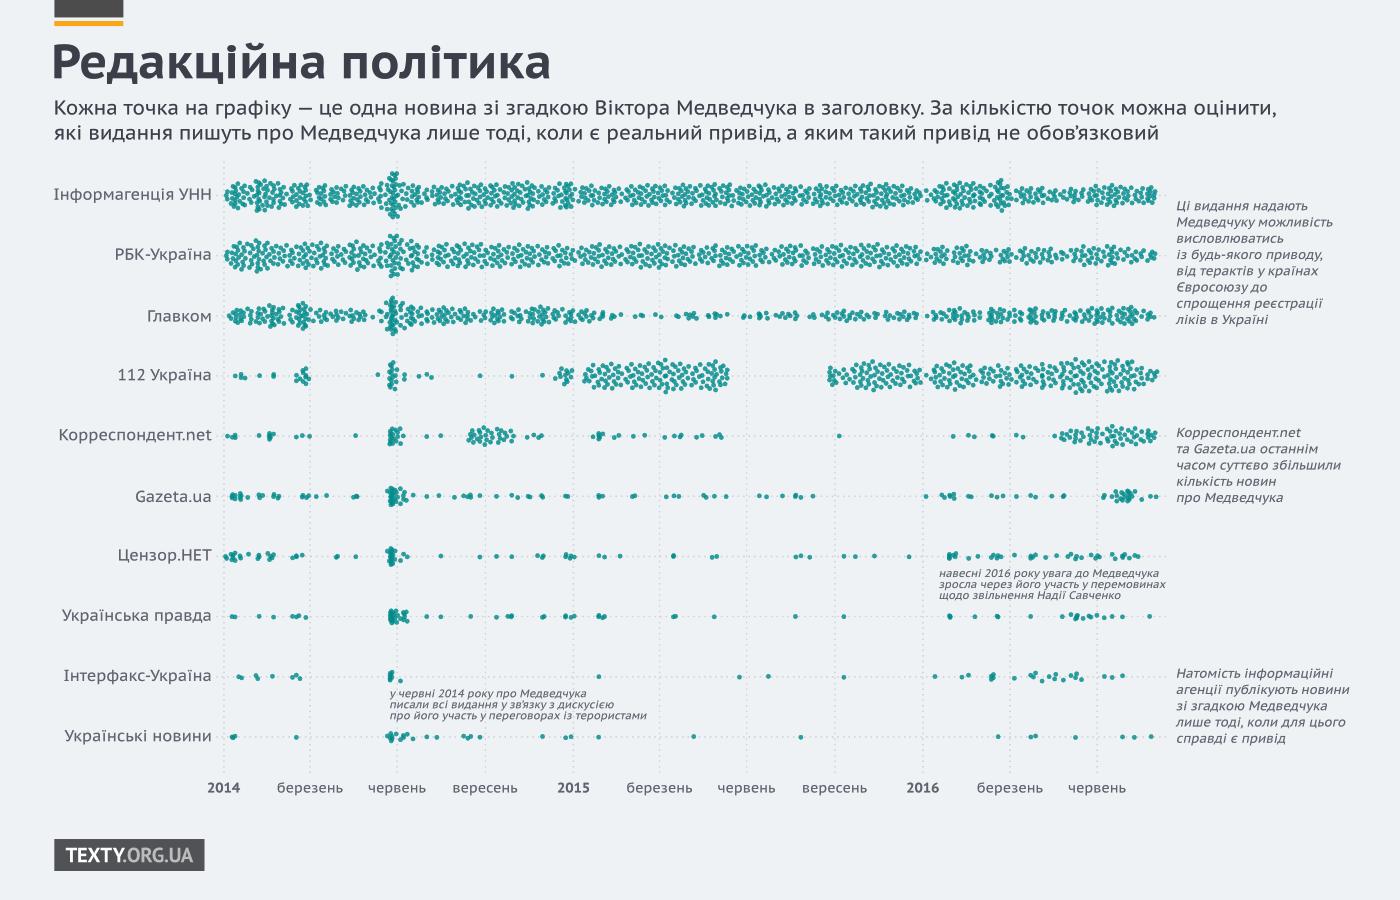 Джерело: texty.org.ua